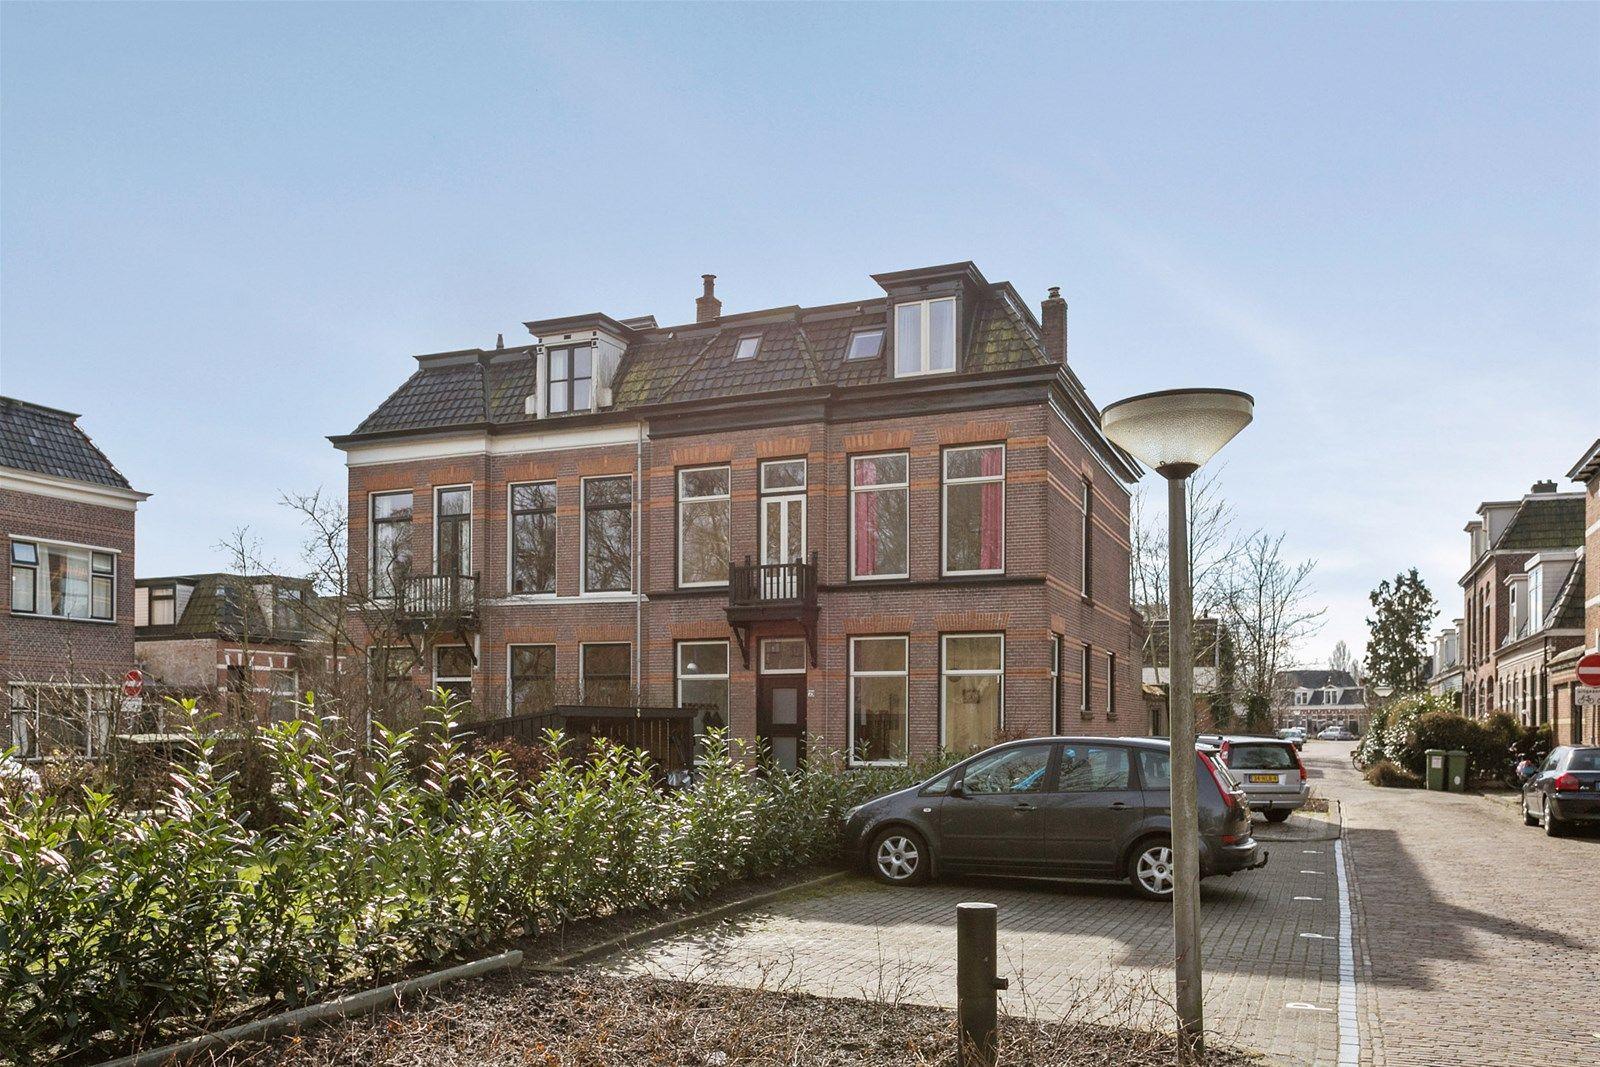 Spanjaardslaan 73, Leeuwarden